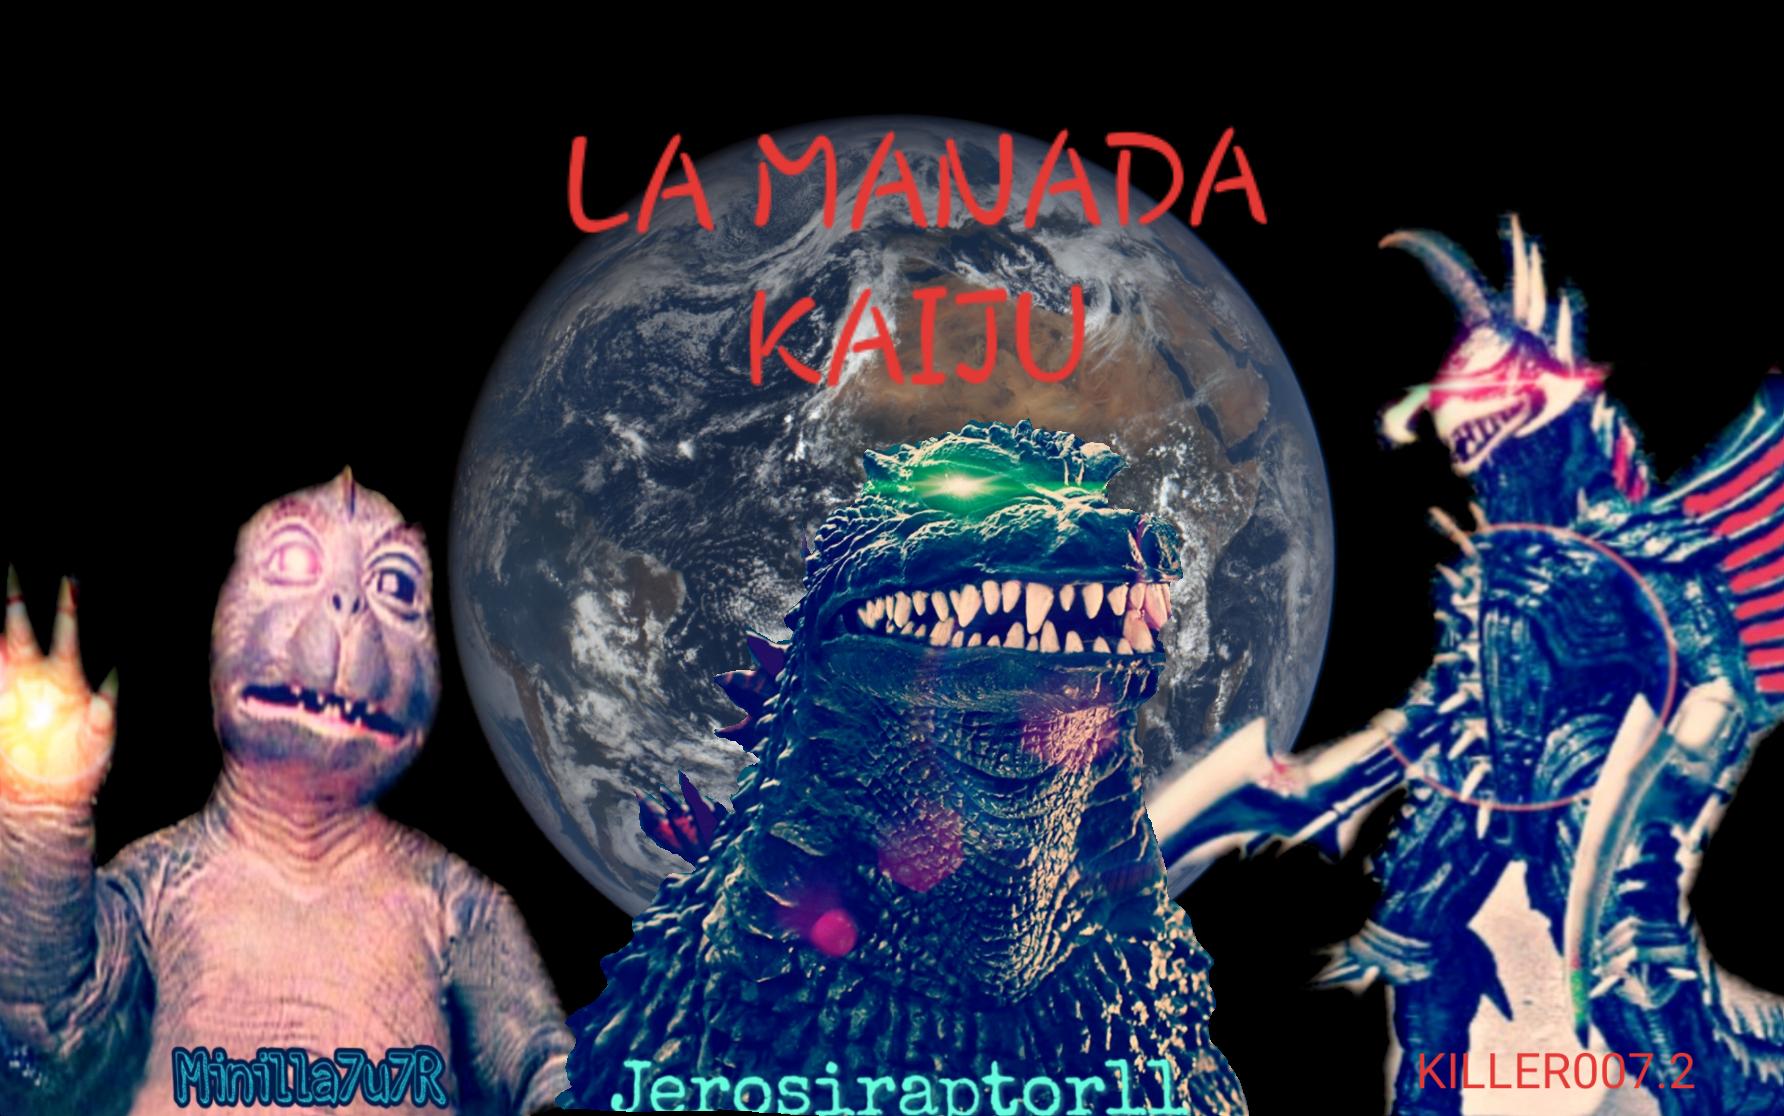 LA MANADA KAIJU